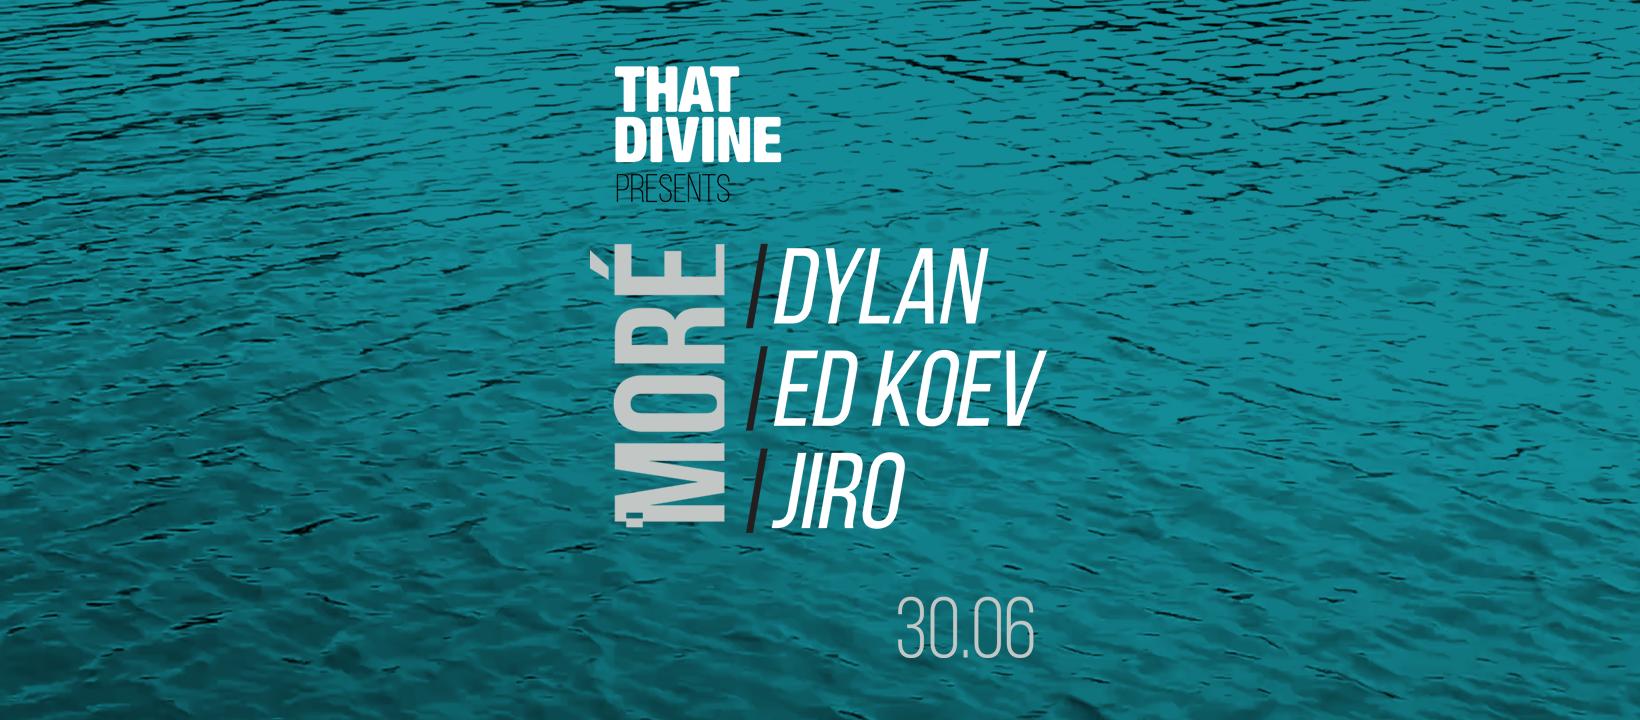 That Divine pres. MORE w/ Dylan, TRmZ, Jiro